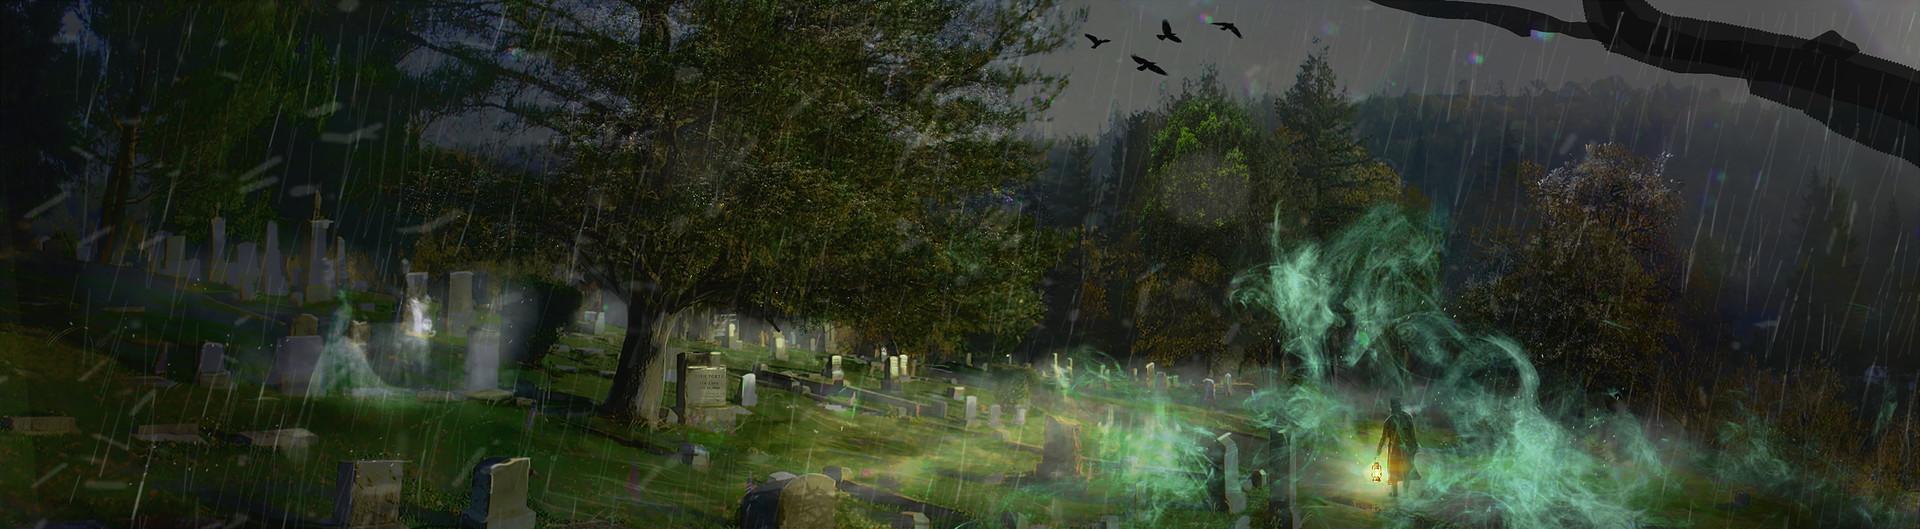 Michael morris graveyard1